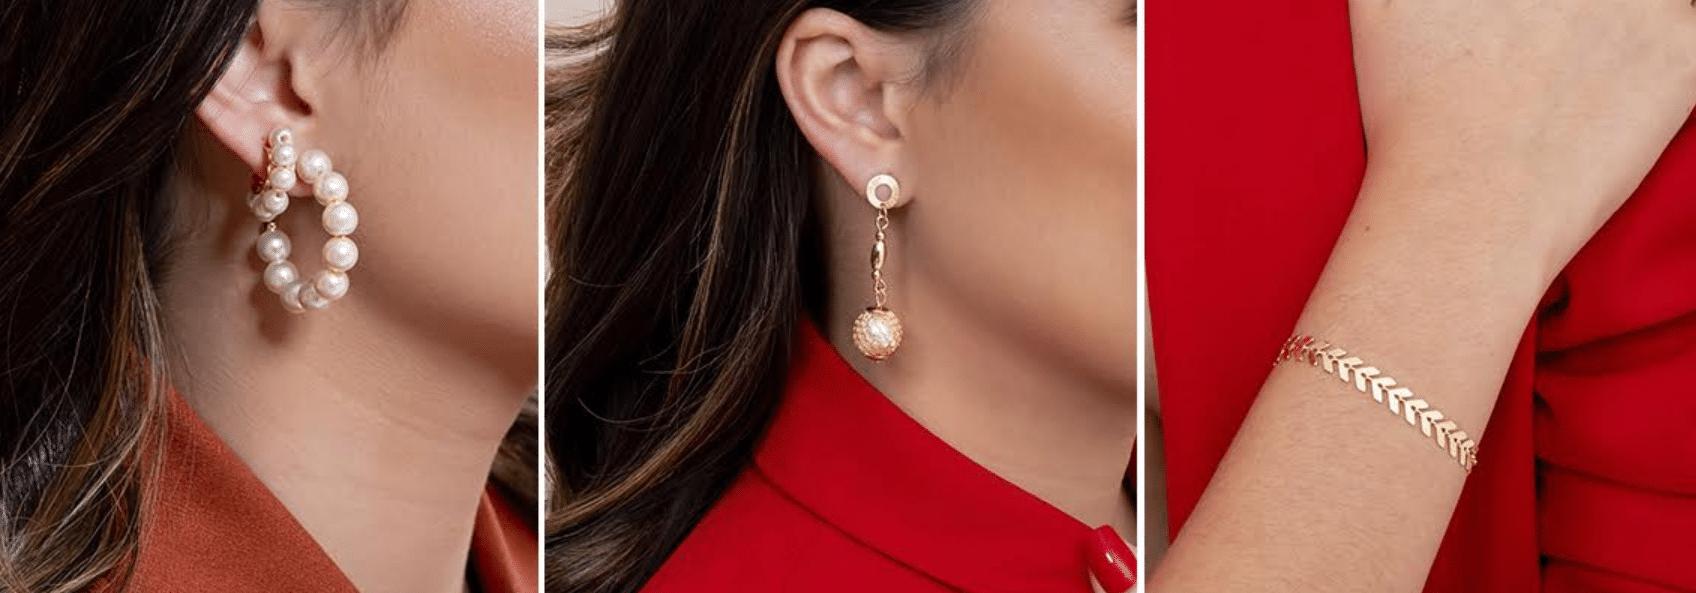 imagem de modelos usando roupas vermelhas vivas com brinco de festa dourado